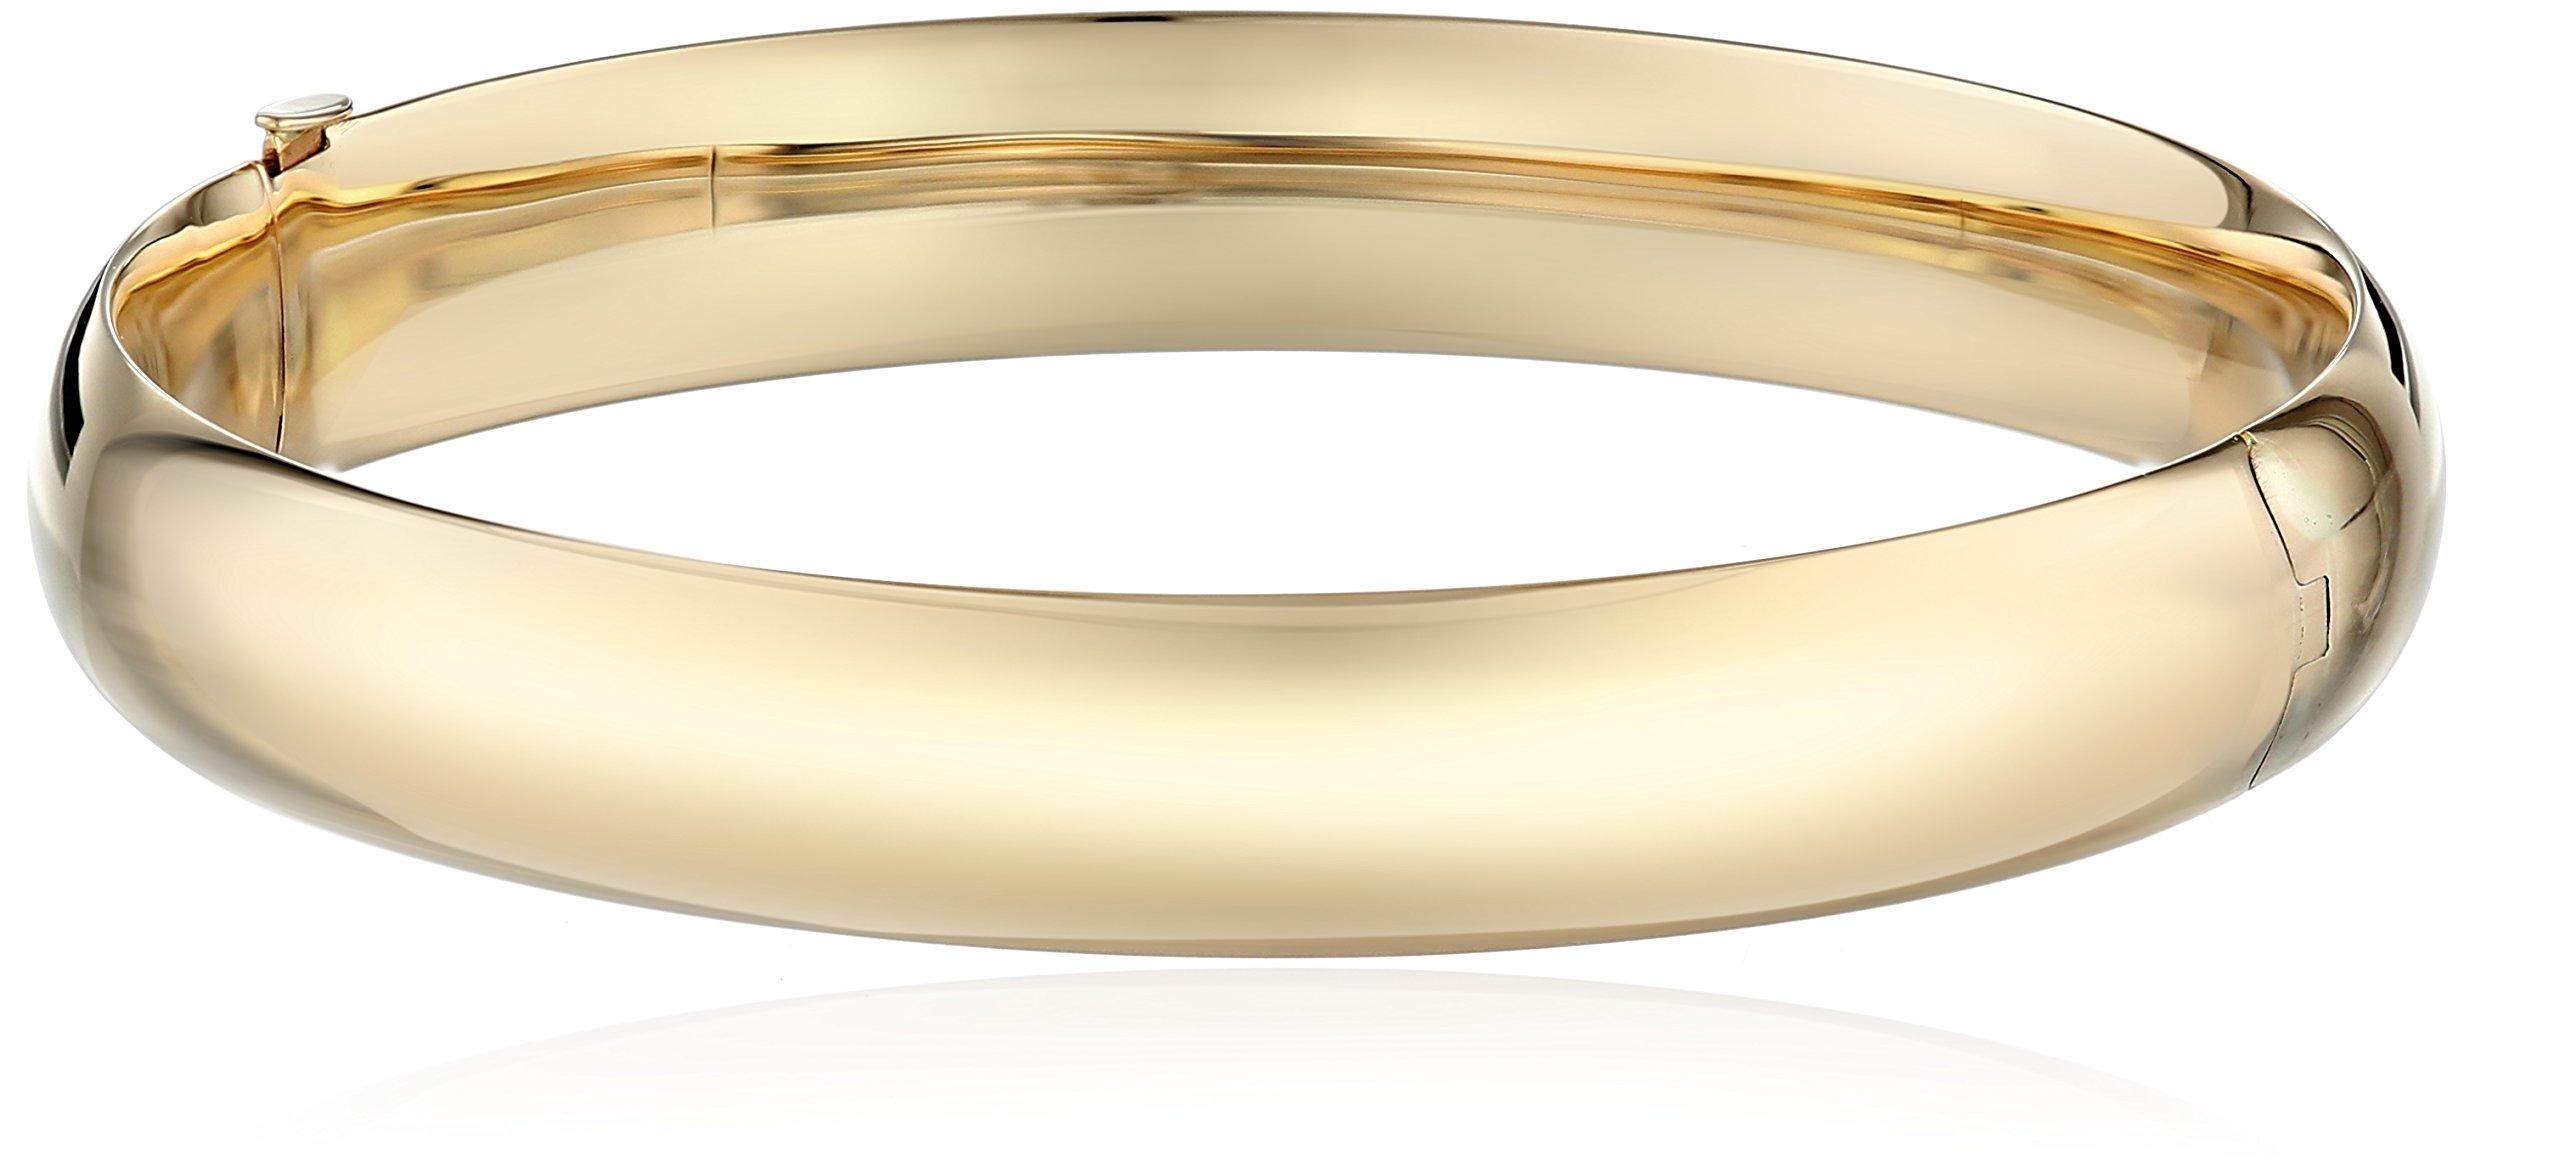 14k Yellow Gold Polished Bangle Bracelet (10.5mm)